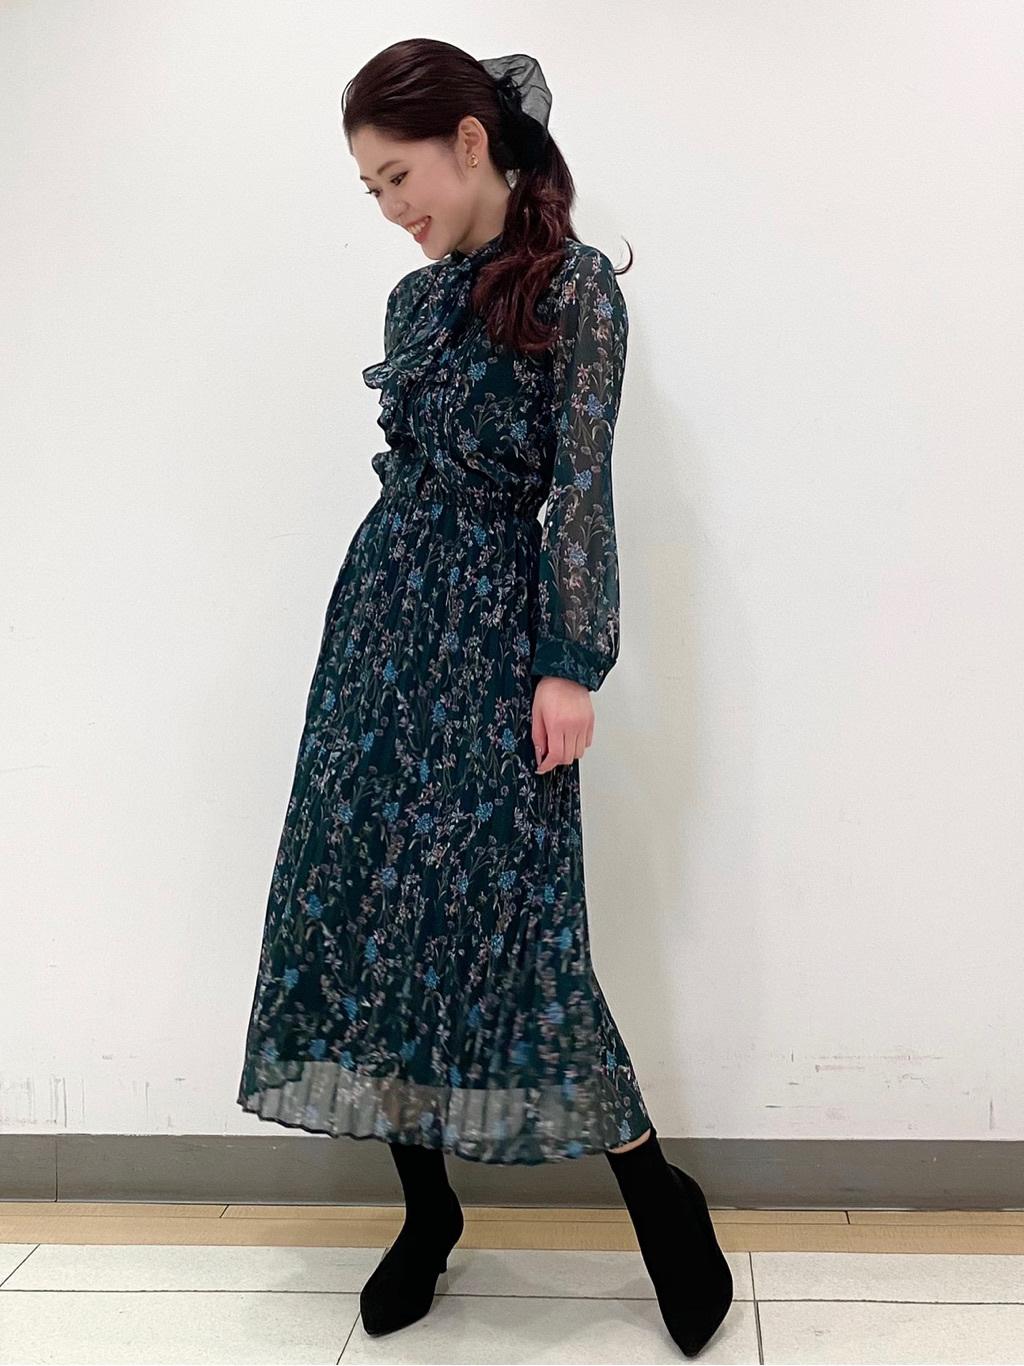 ムロ カオル (160cm)